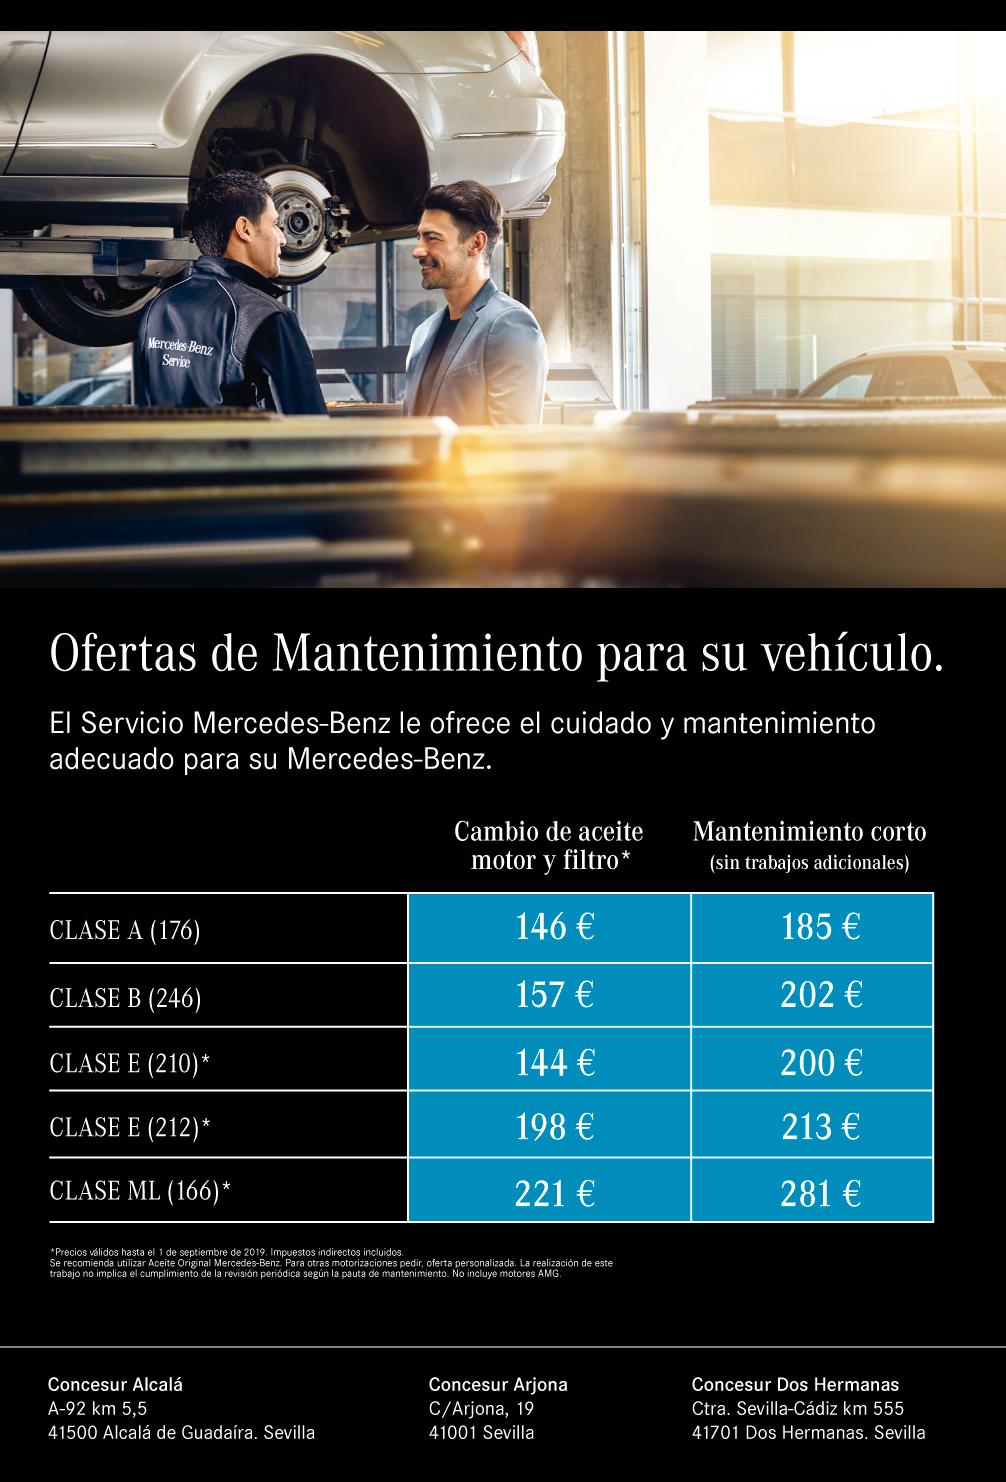 Precios cerrados de Mantenimiento Concesur Mercedes-Benz